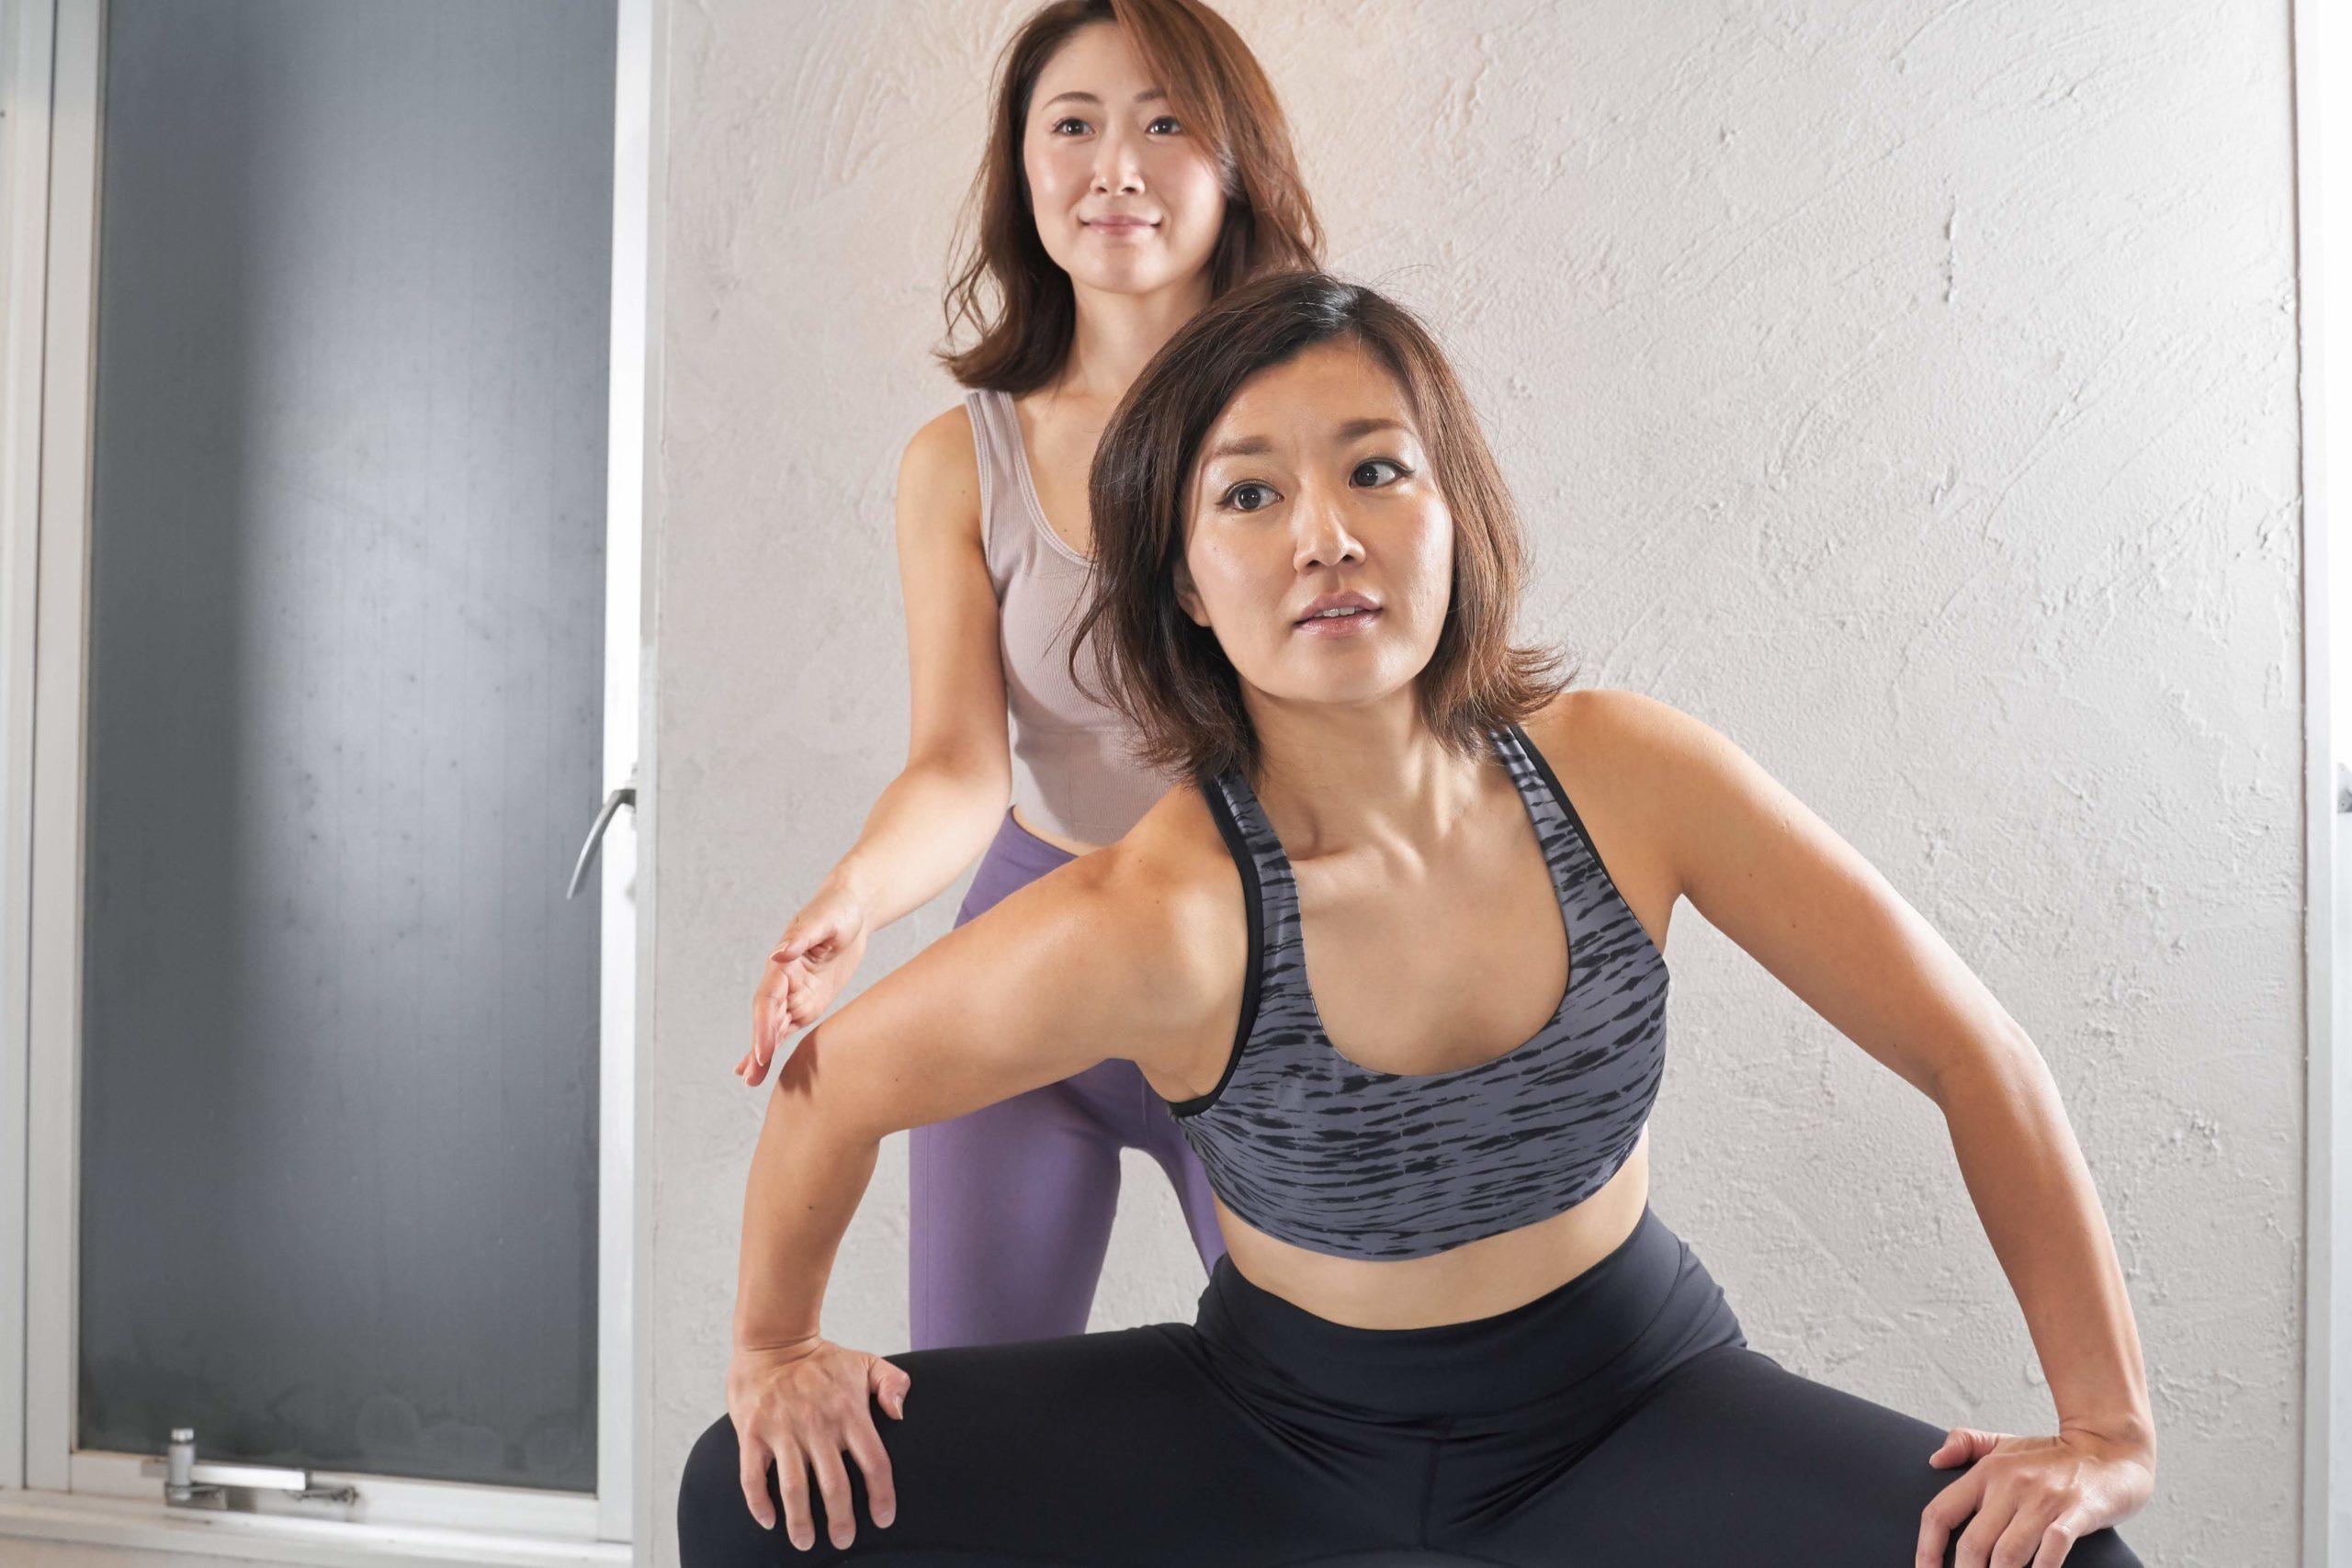 あなたは知ってる?パーソナルトレーニングジムの方が絶対に痩せる3つの理由